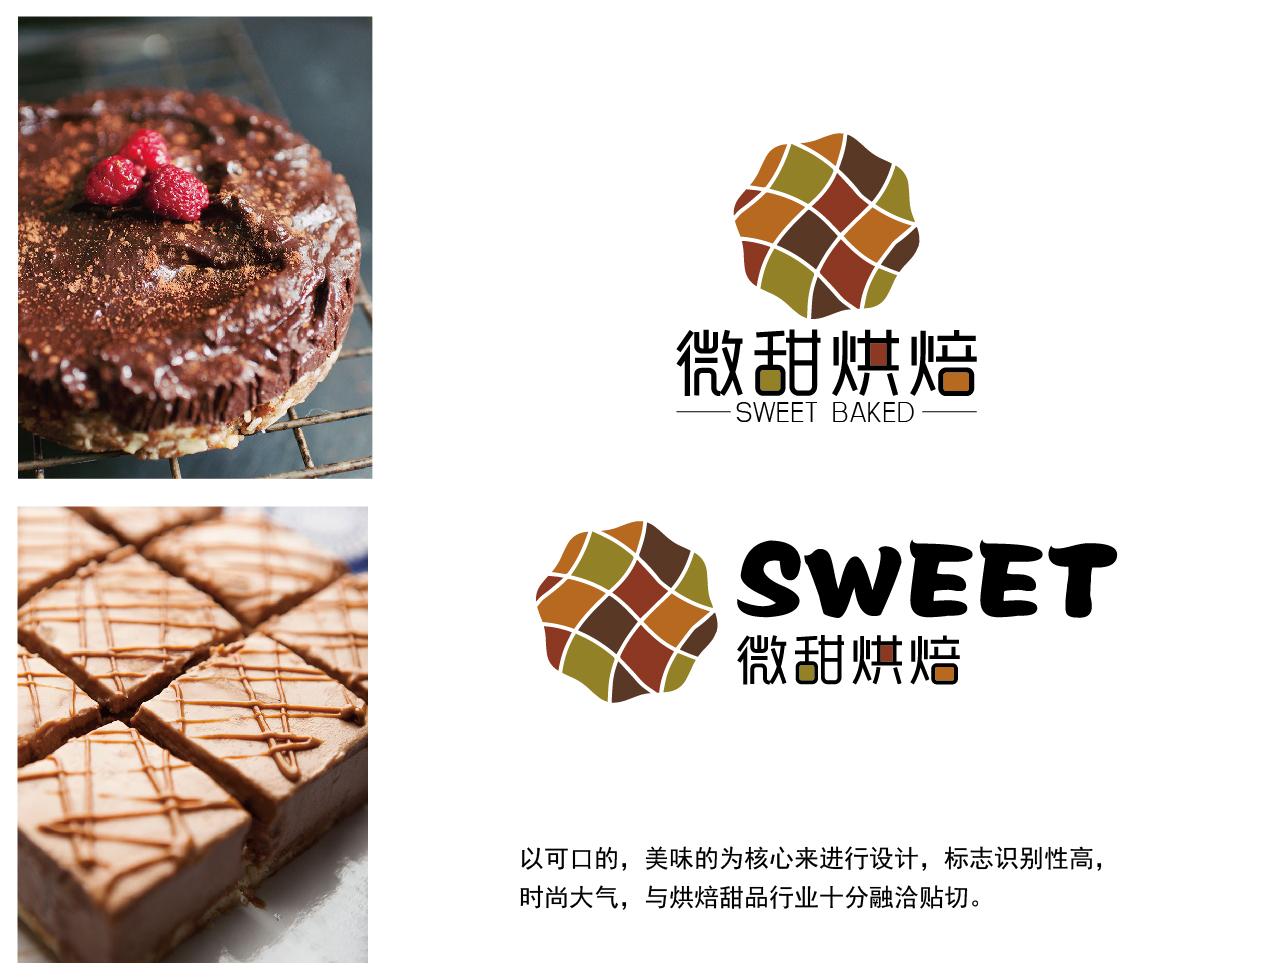 甜品店logo图片